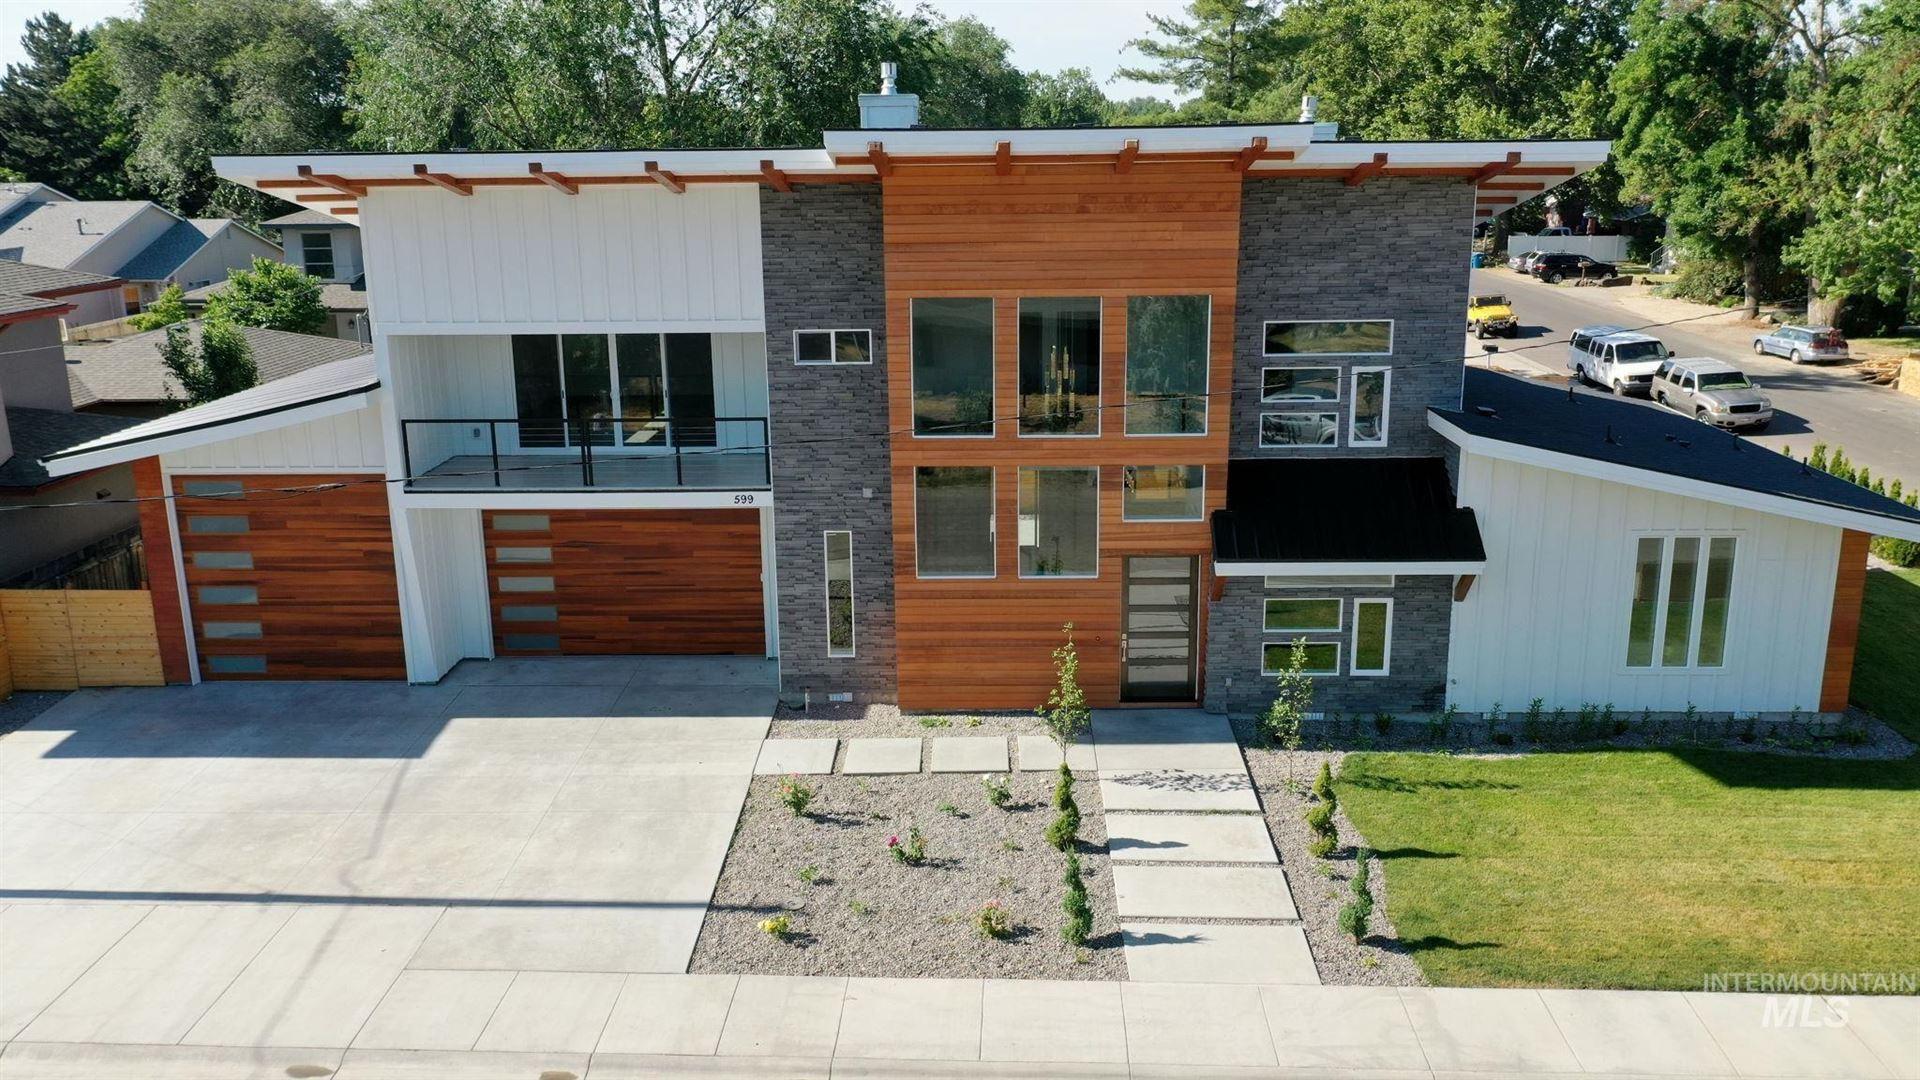 599 Warren St., Boise, ID 83706 - MLS#: 98811703